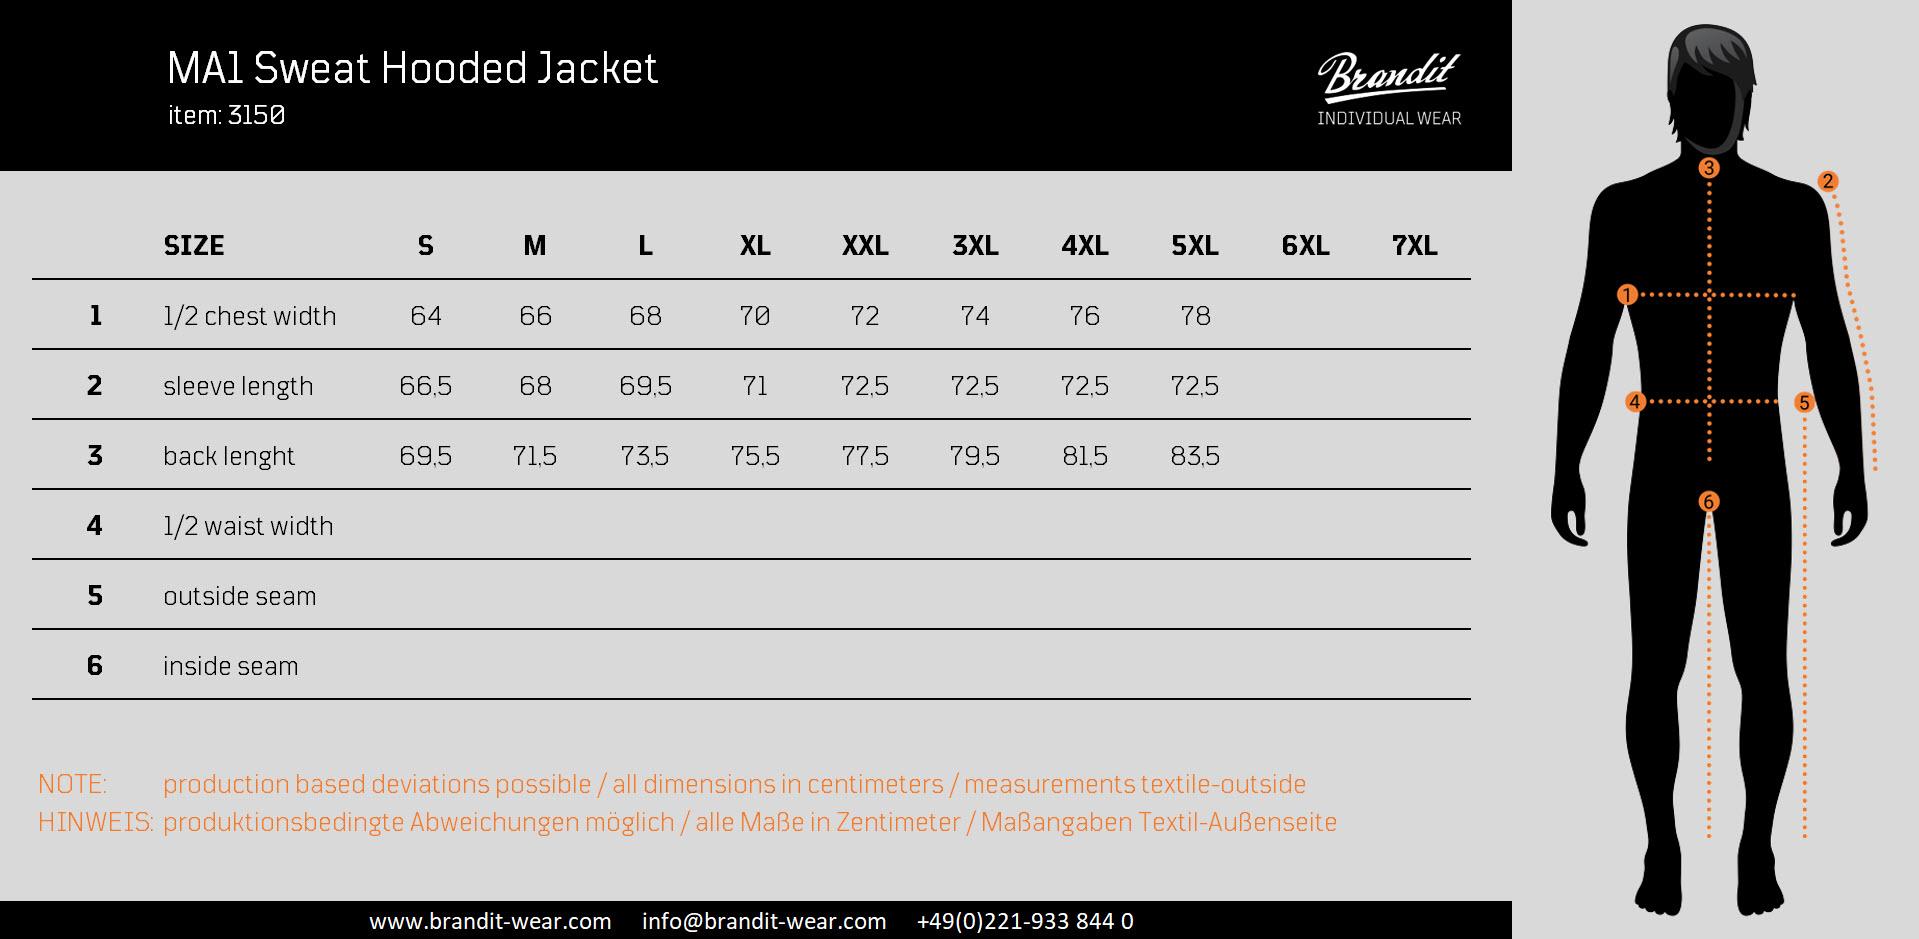 3150-MA1-Sweat-Hooded-Jacket